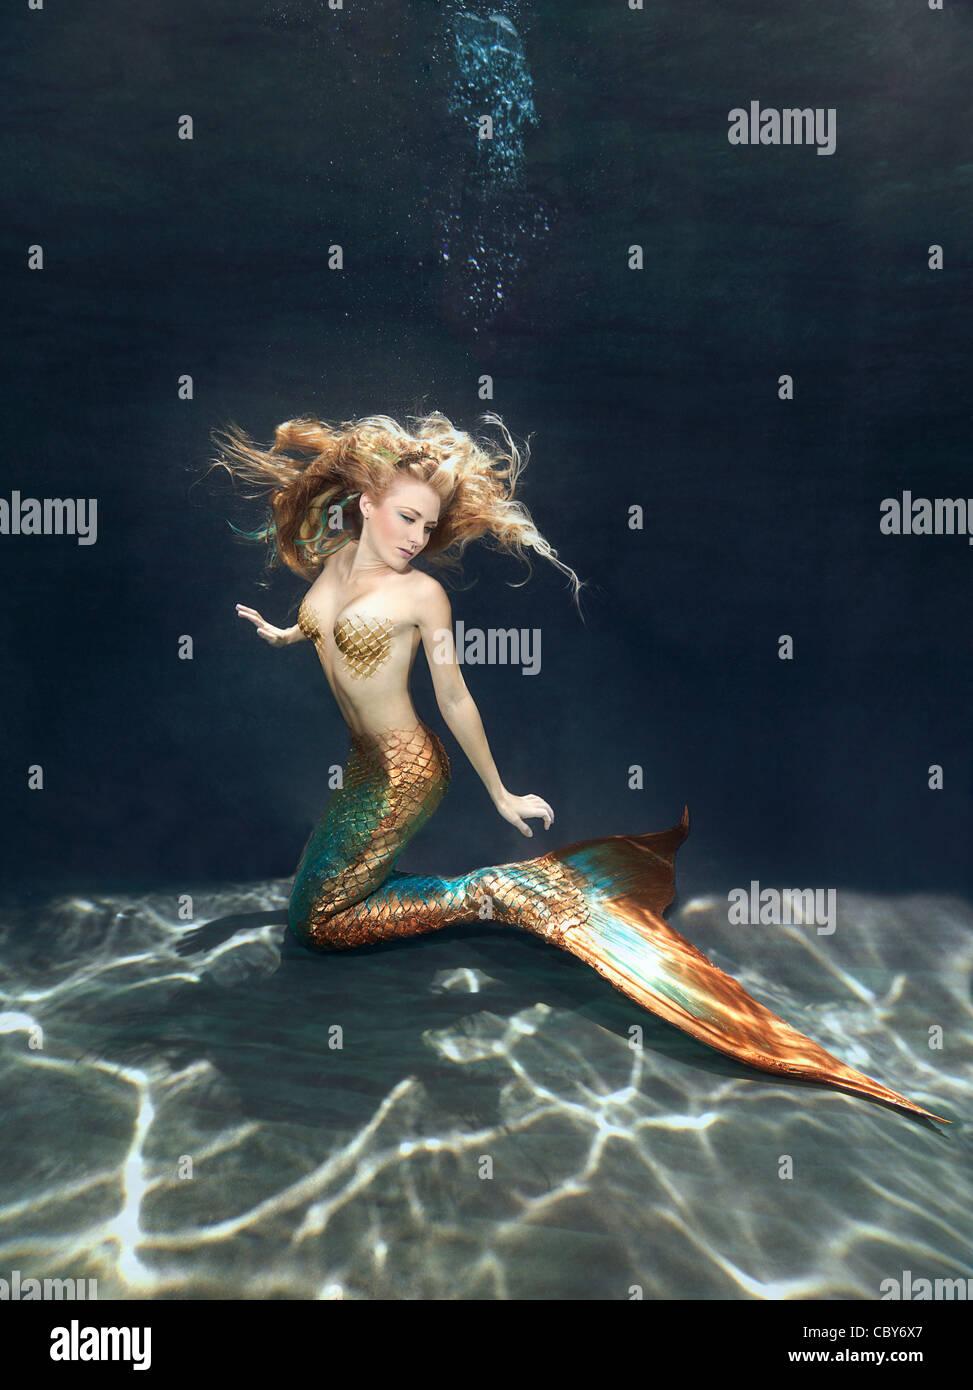 Mermaid Kneeling On The Sandy Ocean Floor   Stock Image